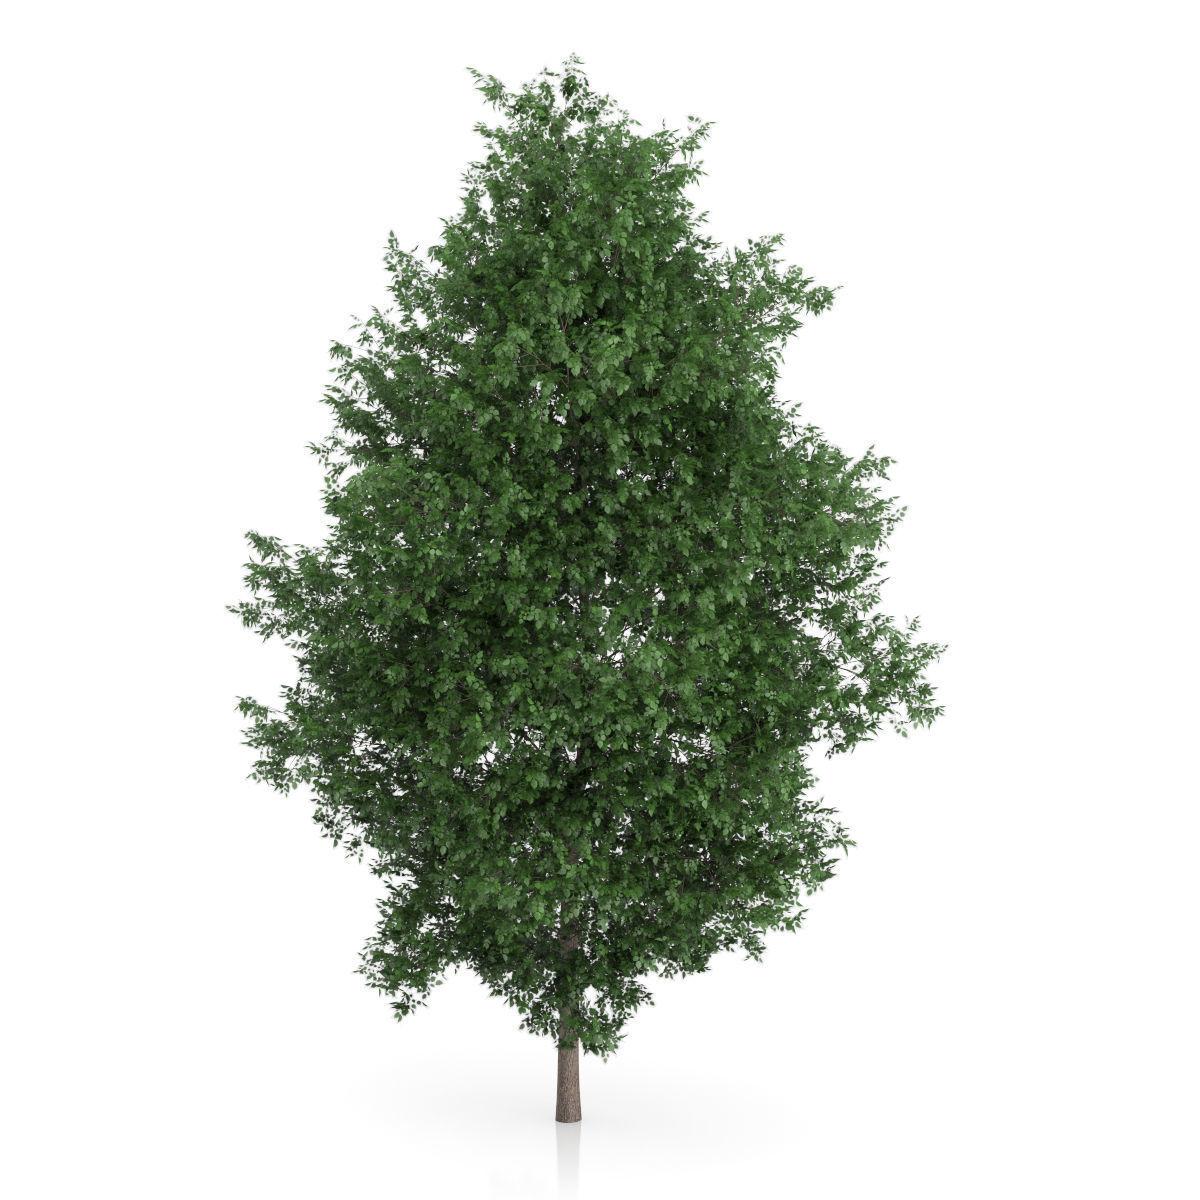 Large-leaved Lime Tree Tilia platyphyllos